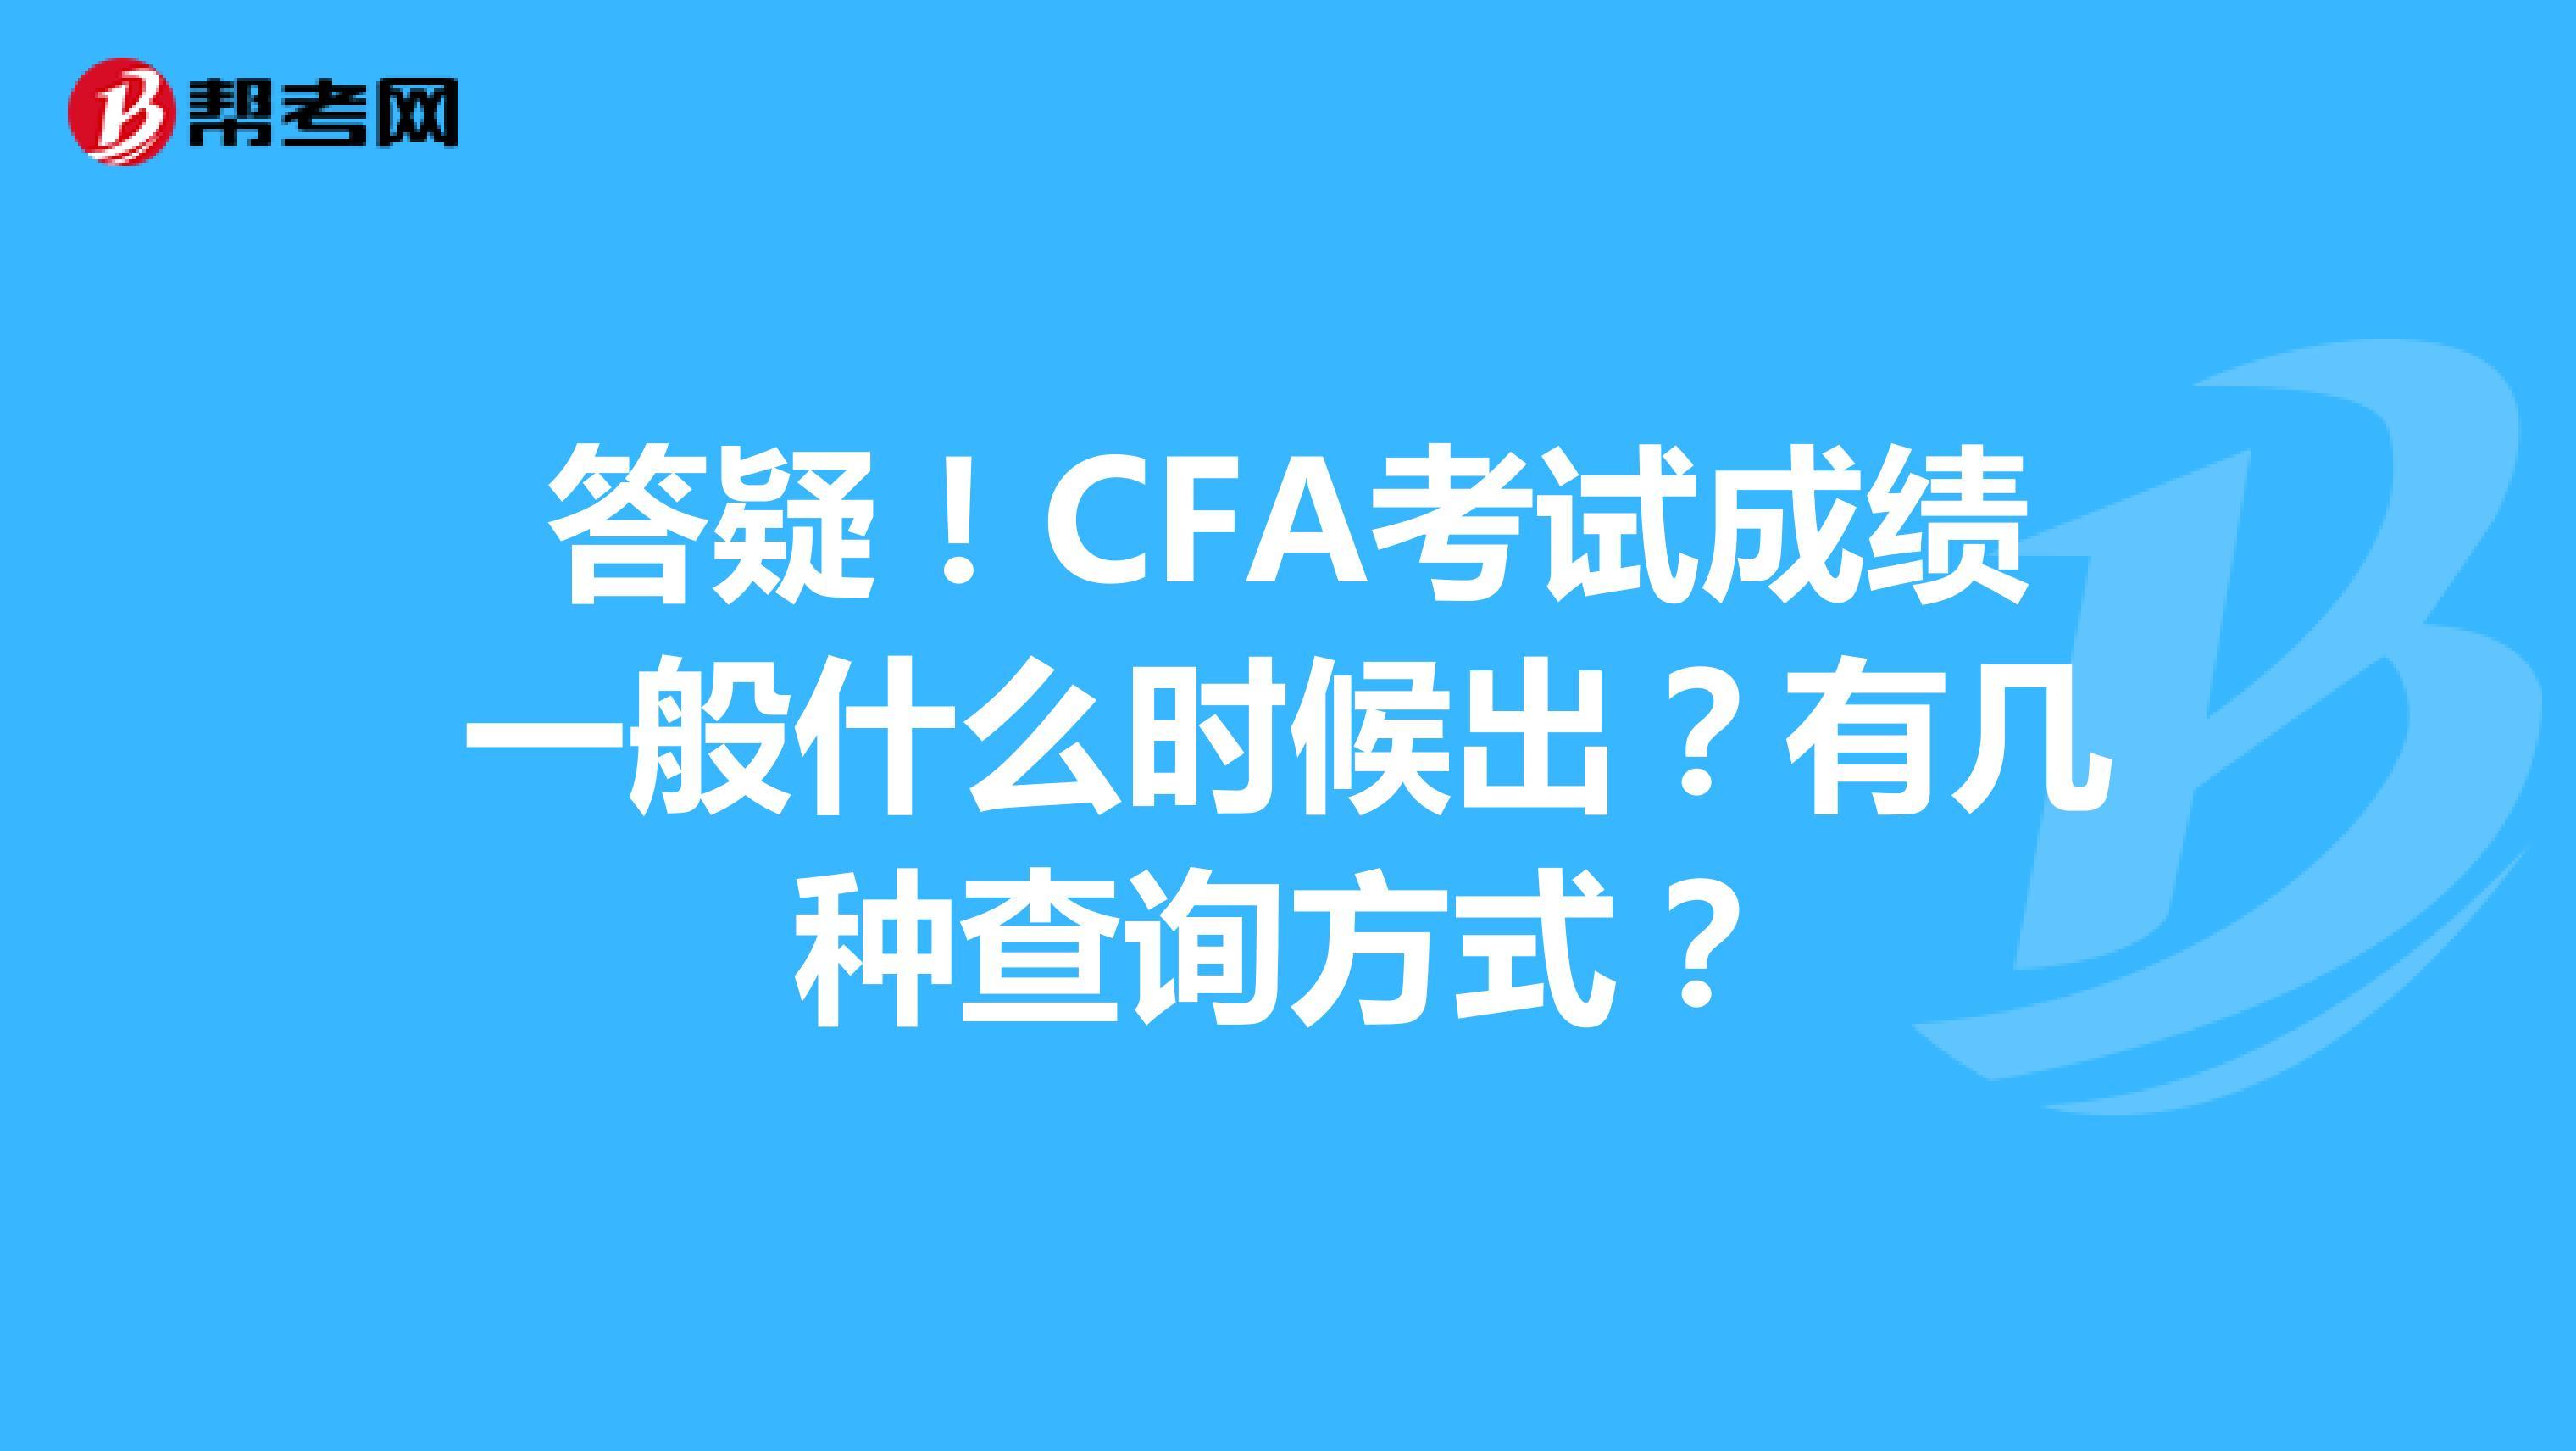 答疑!CFA考试成绩一般什么时候出?有几种查询方式?